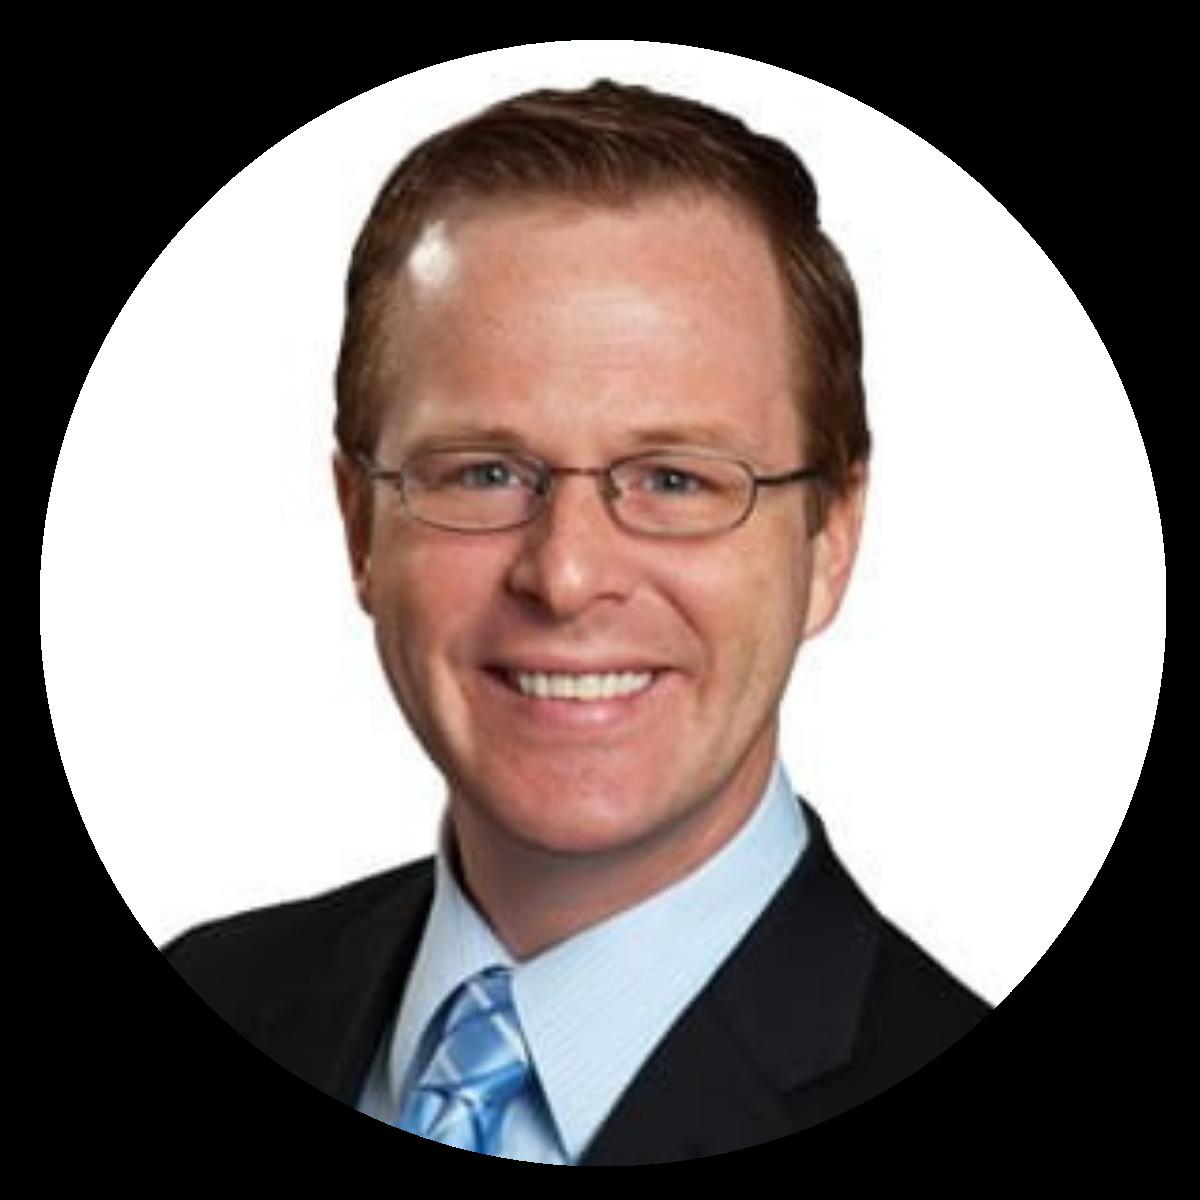 Dr. Michael Scherer Circle